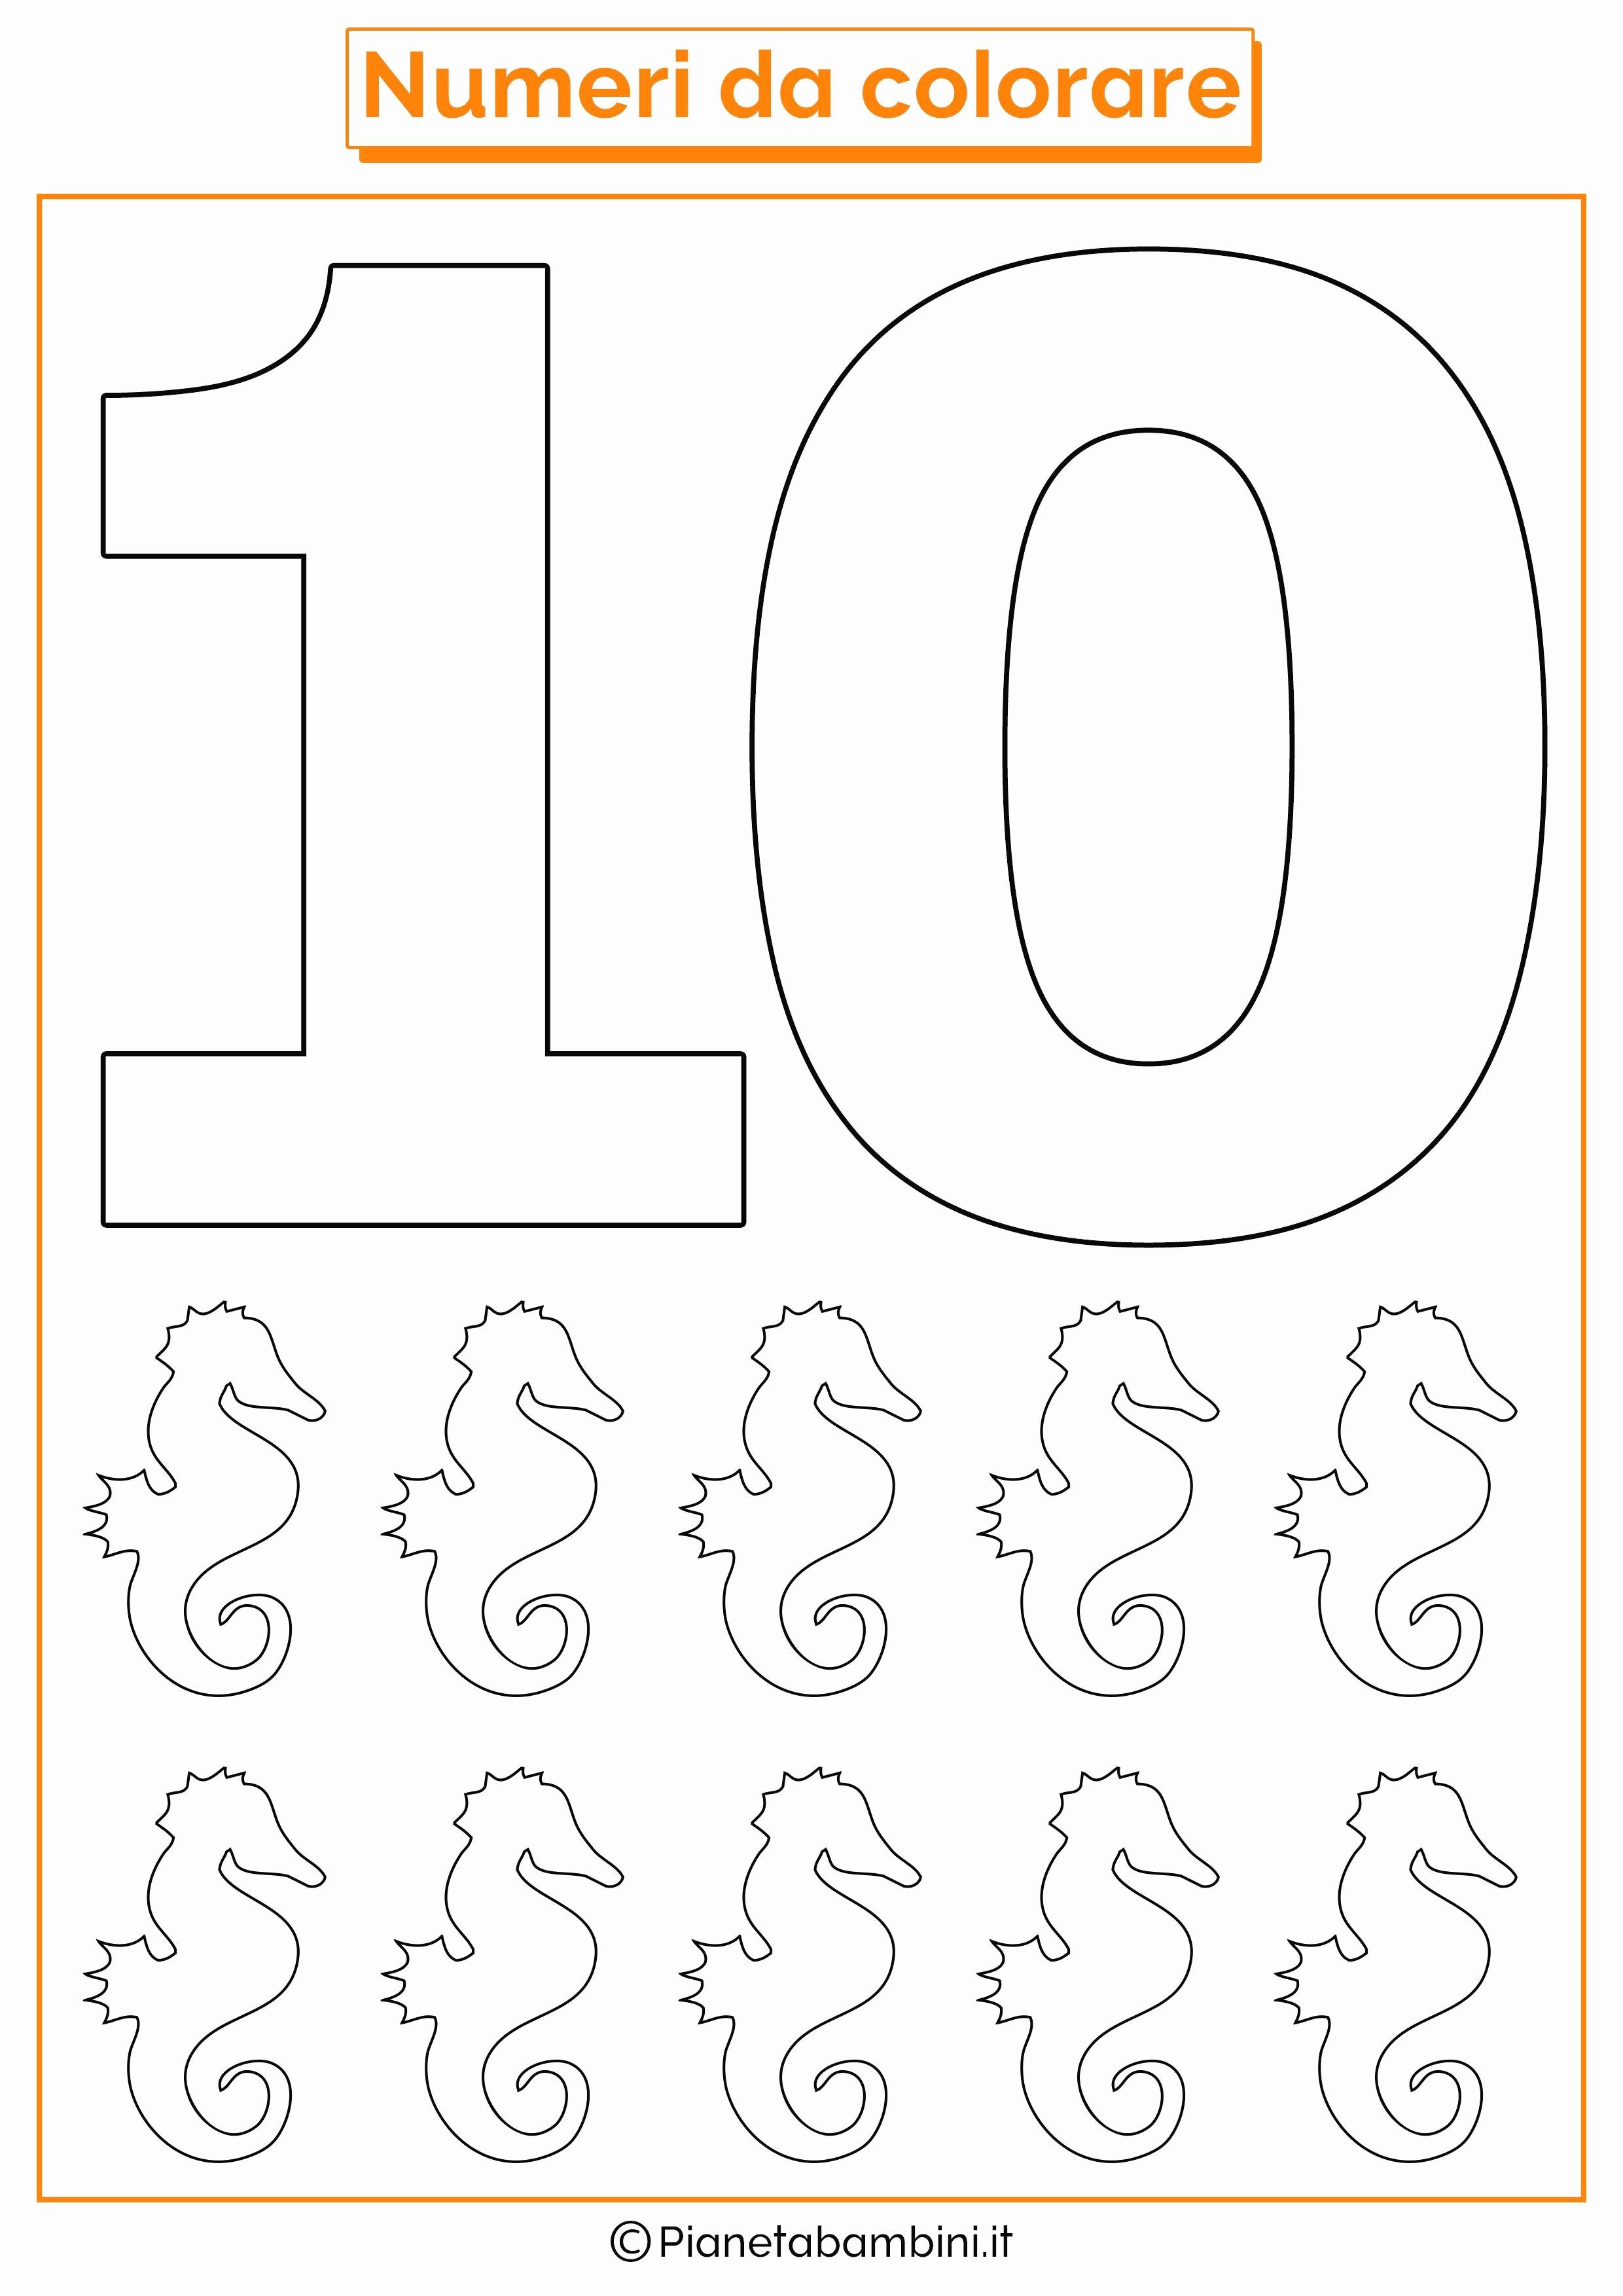 Da Stampare E Colorare Nuovo Numeri Da Stampare Colorare E Ritagliare Per Bambini Con Numero 0 Da